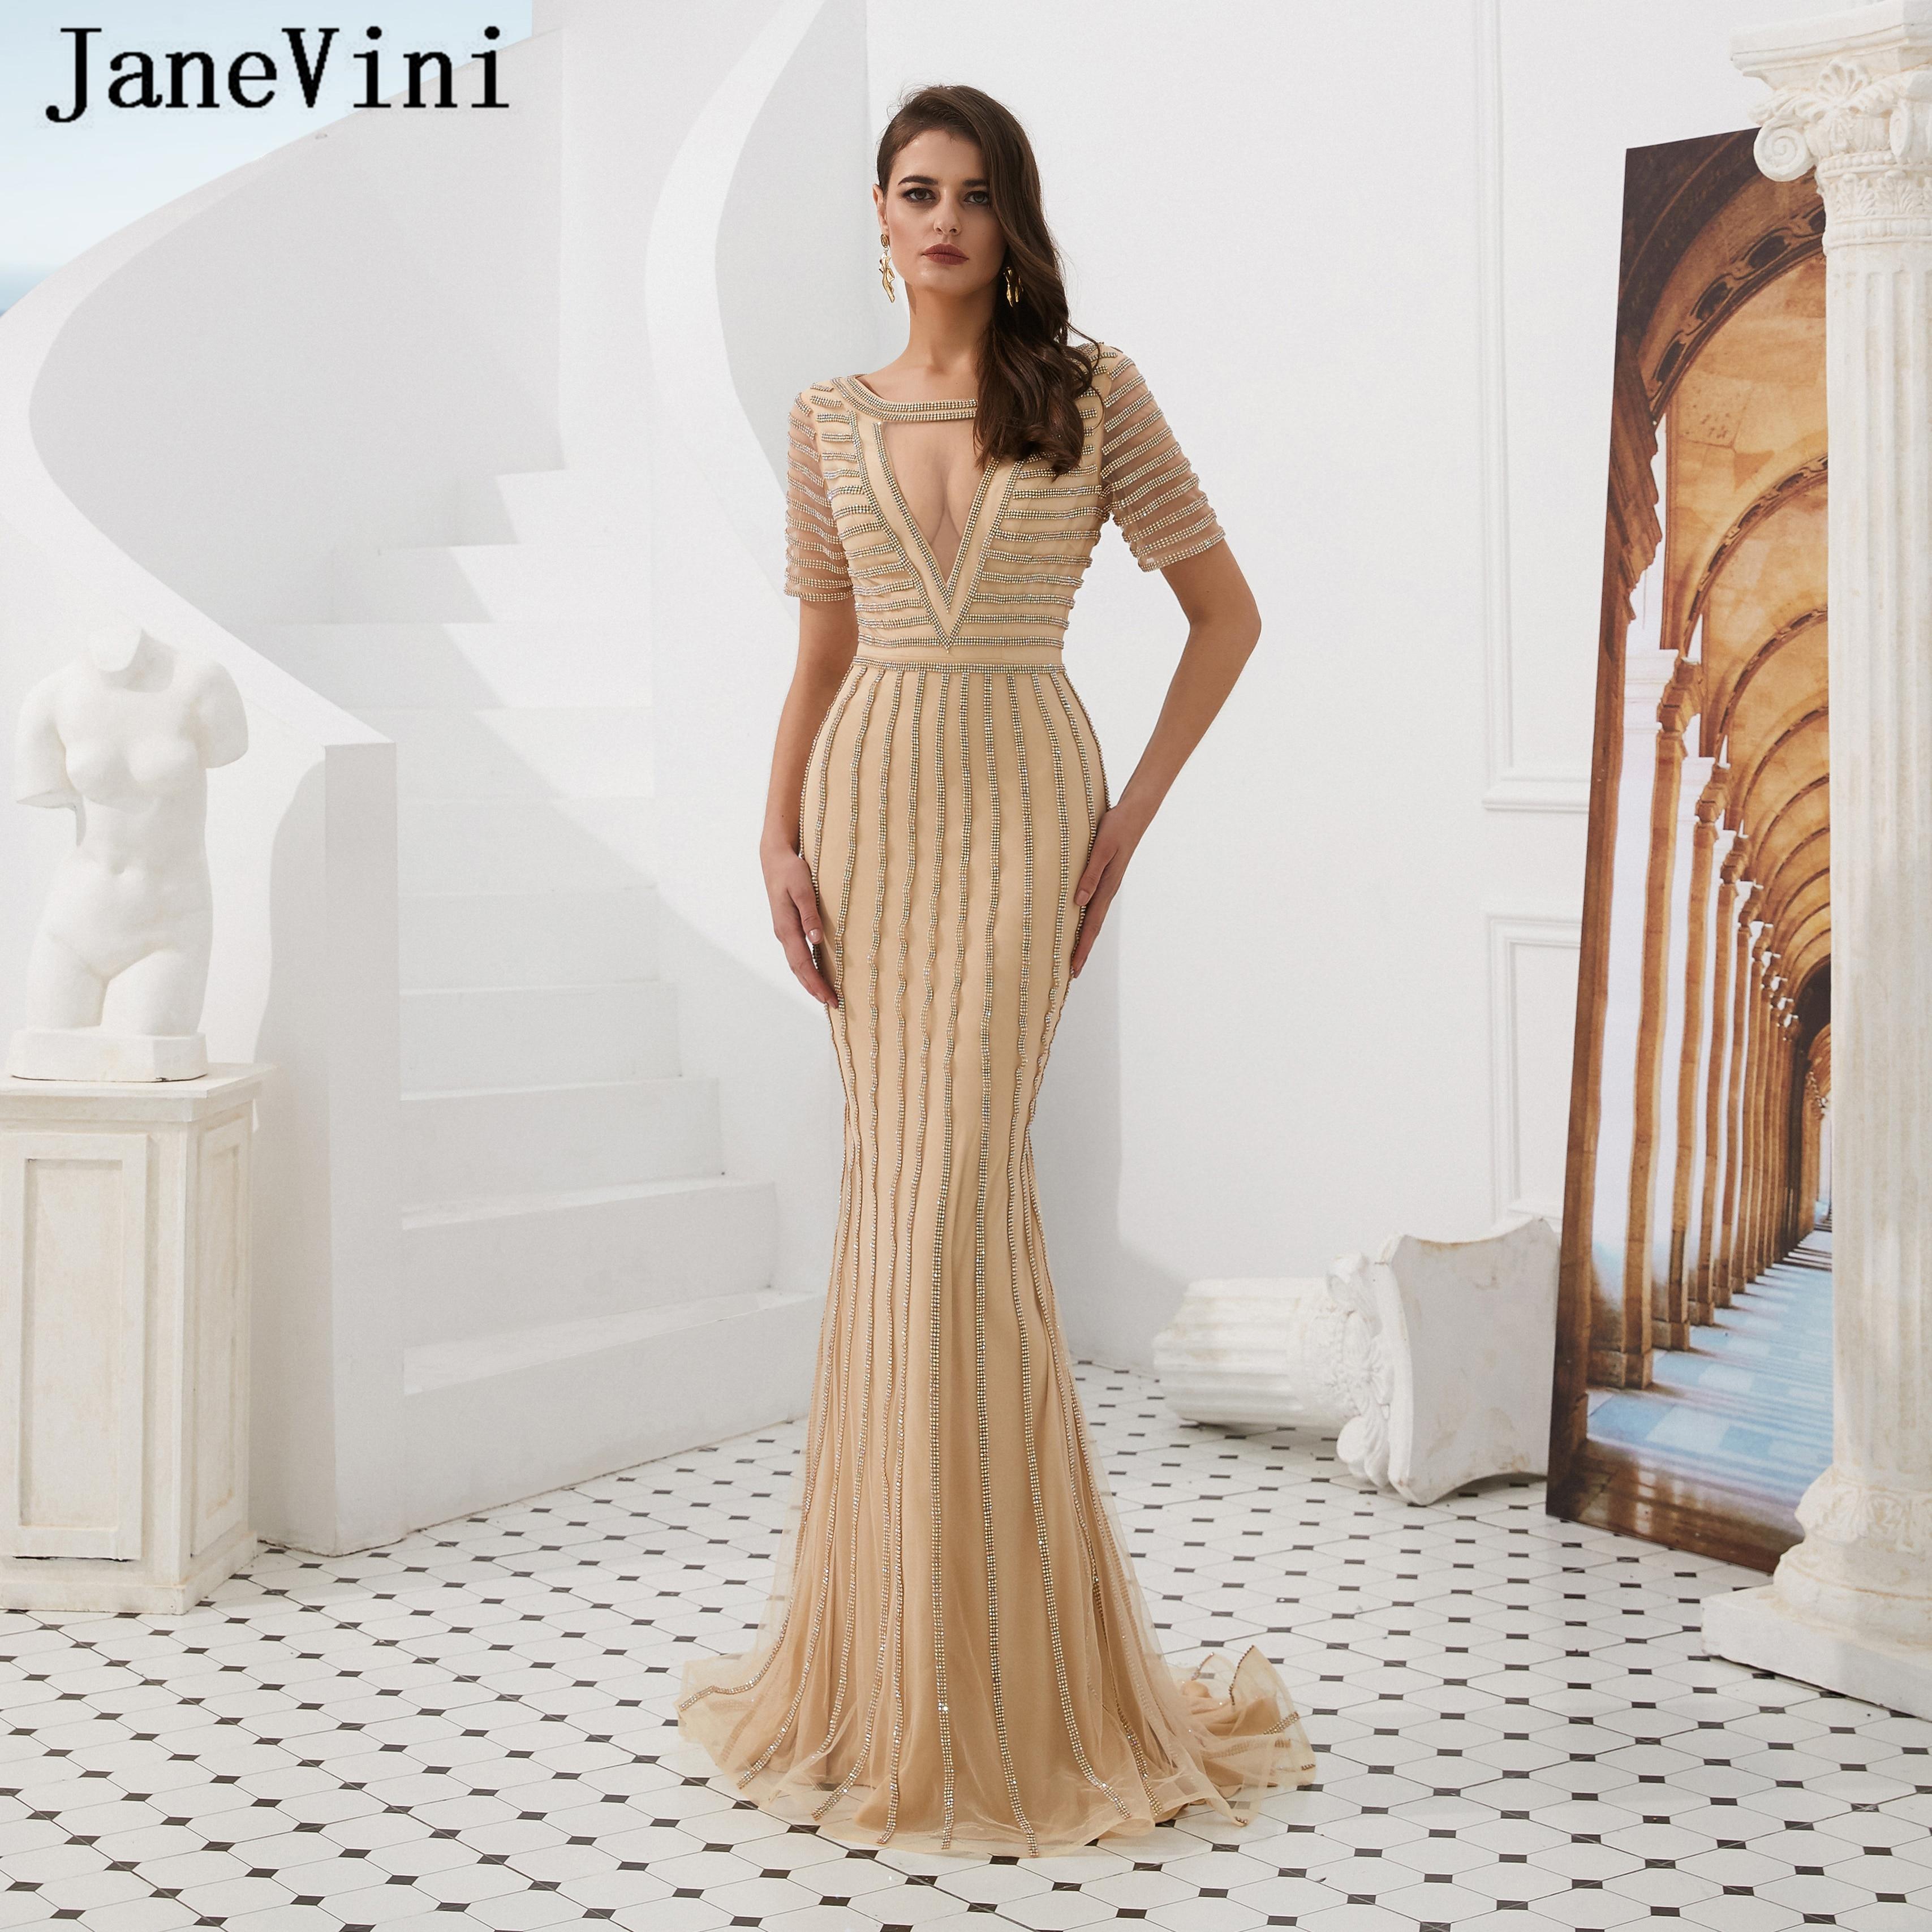 JaneVini luxe encolure dégagée Sexy diamant sirène longues robes De soirée manches courtes balayage Train scintillant robes De bal Robe De soirée